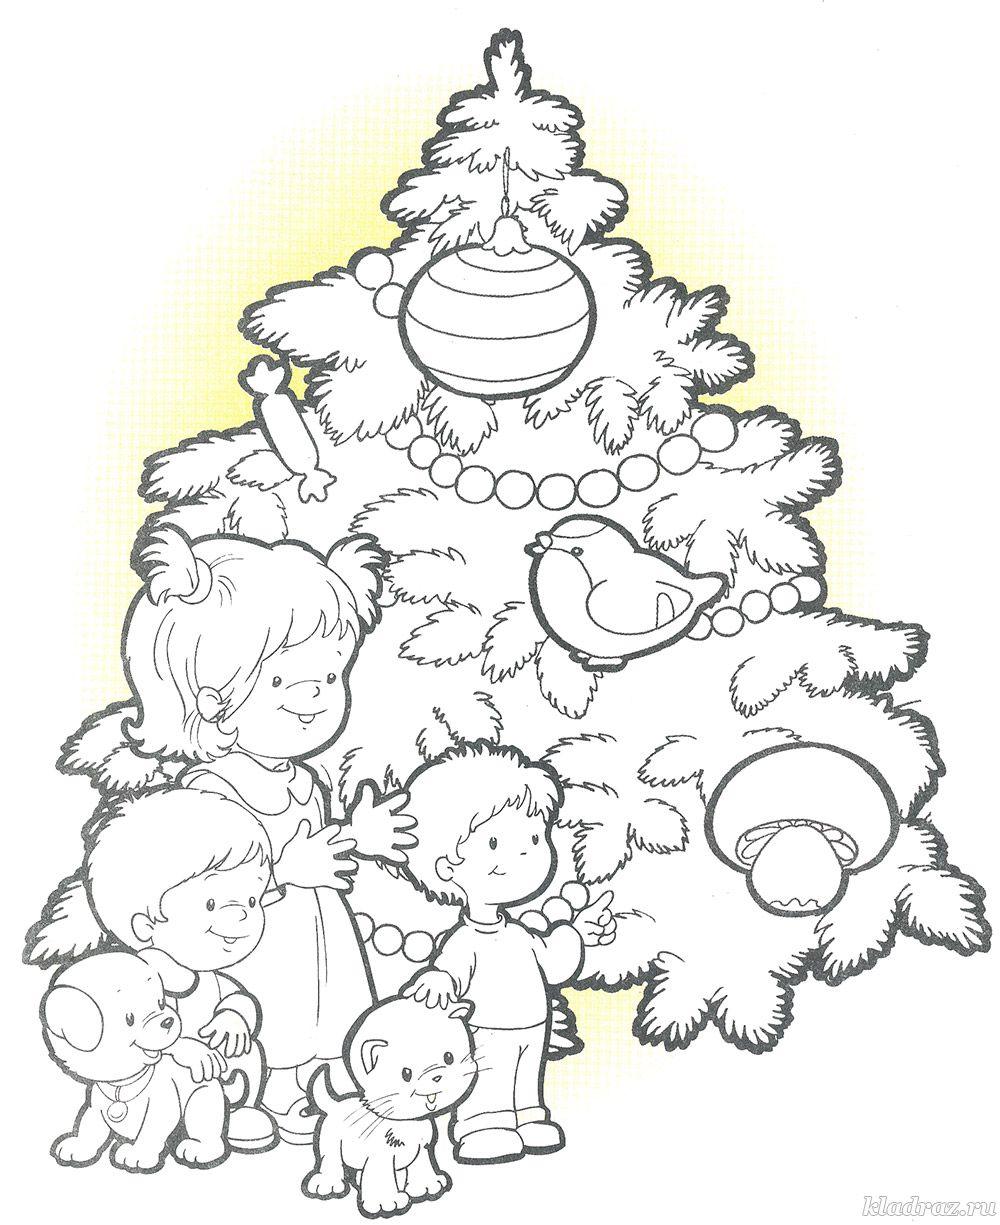 Раскраска Новогодняя для детей 6-7 лет